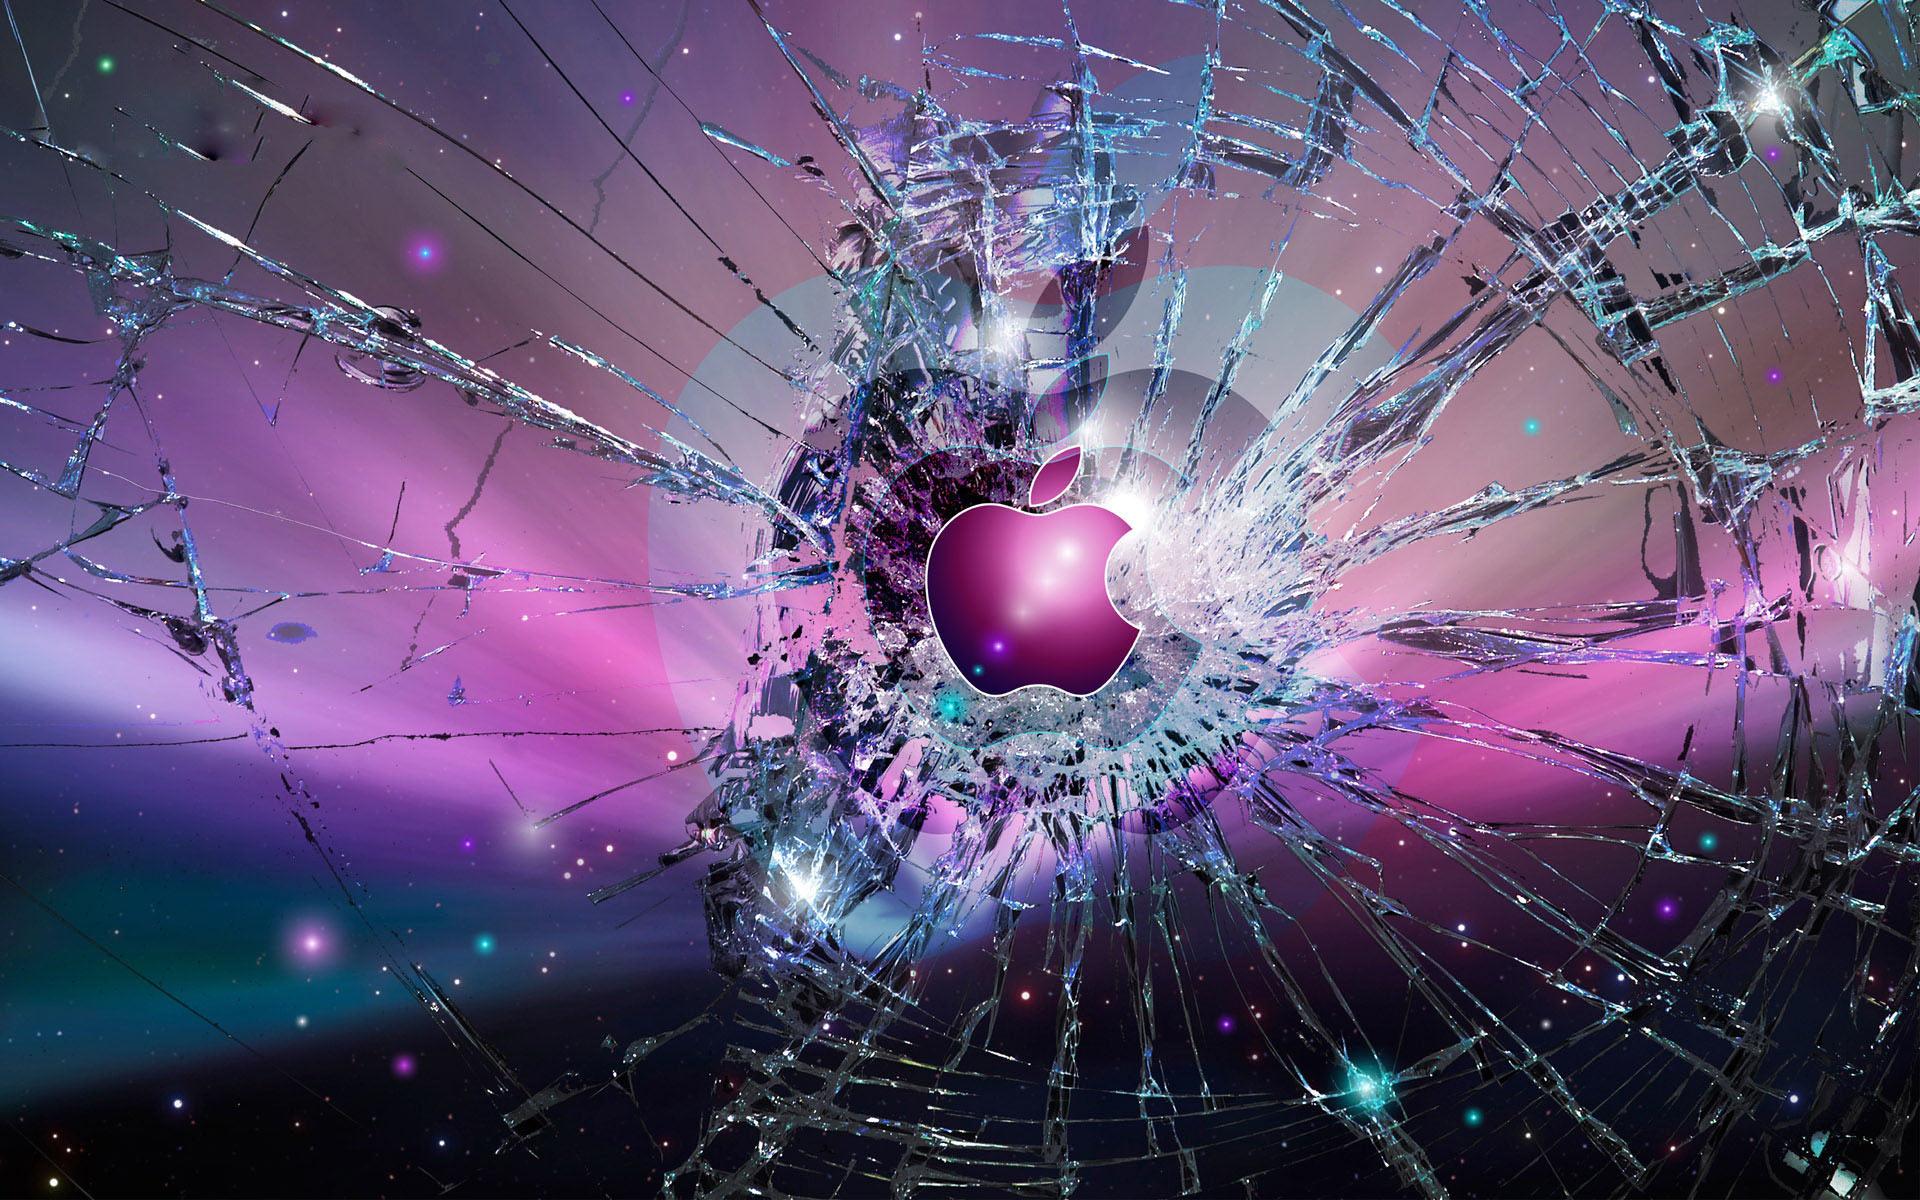 HD wallpaper Desktop Backgrounds Computers Apple Mac Monitor Crash 1920x1200